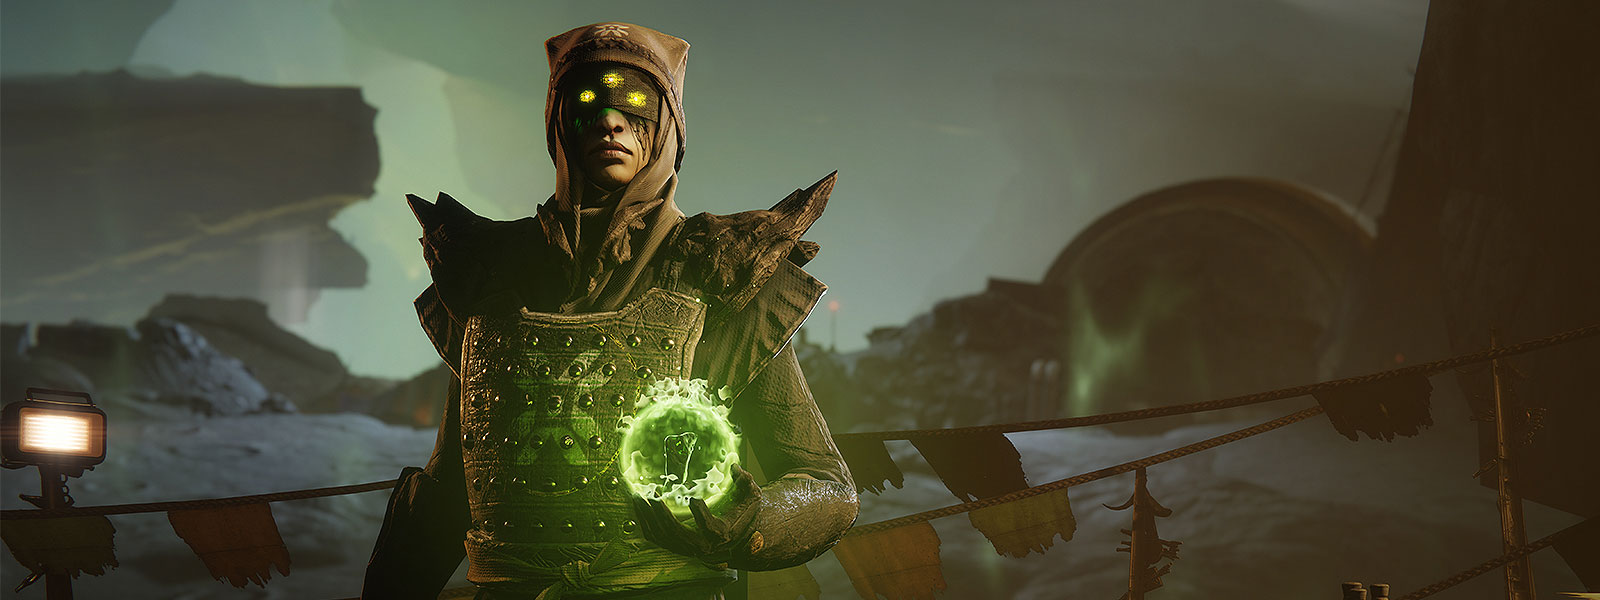 El personaje Eris sostiene un orbe verde